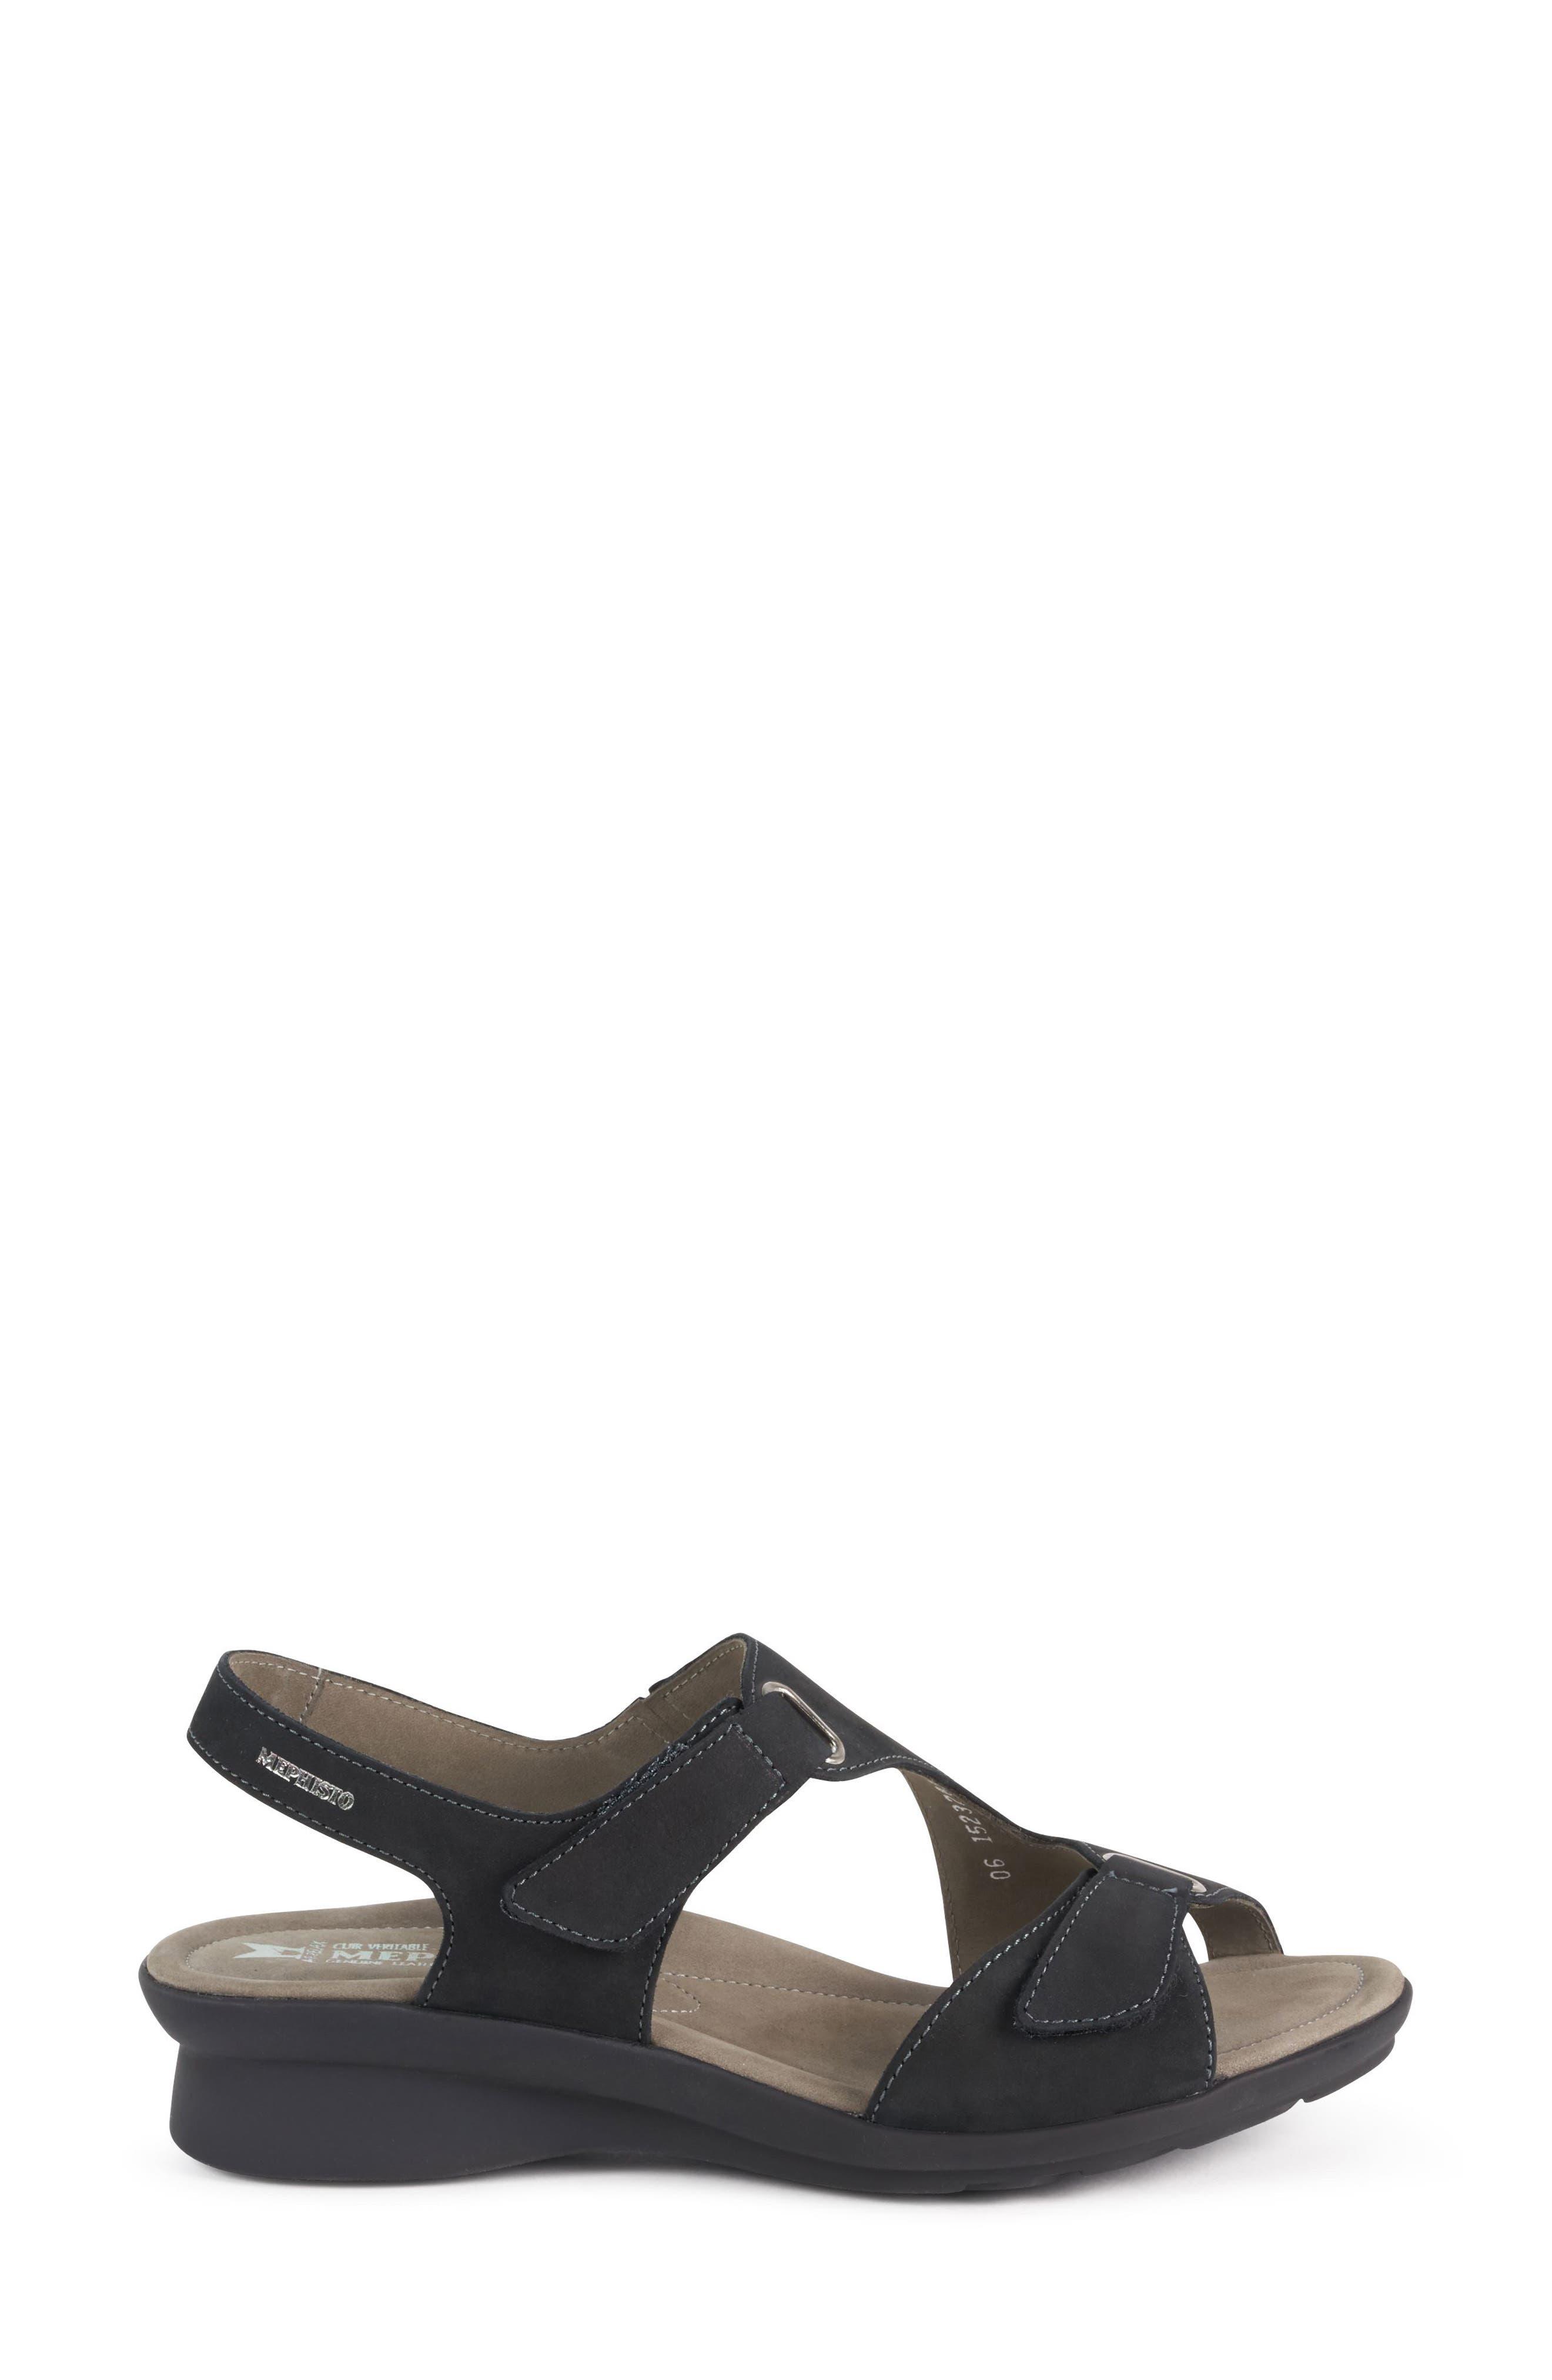 MEPHISTO, 'Paris' Slingback Sandal, Alternate thumbnail 4, color, BLACK